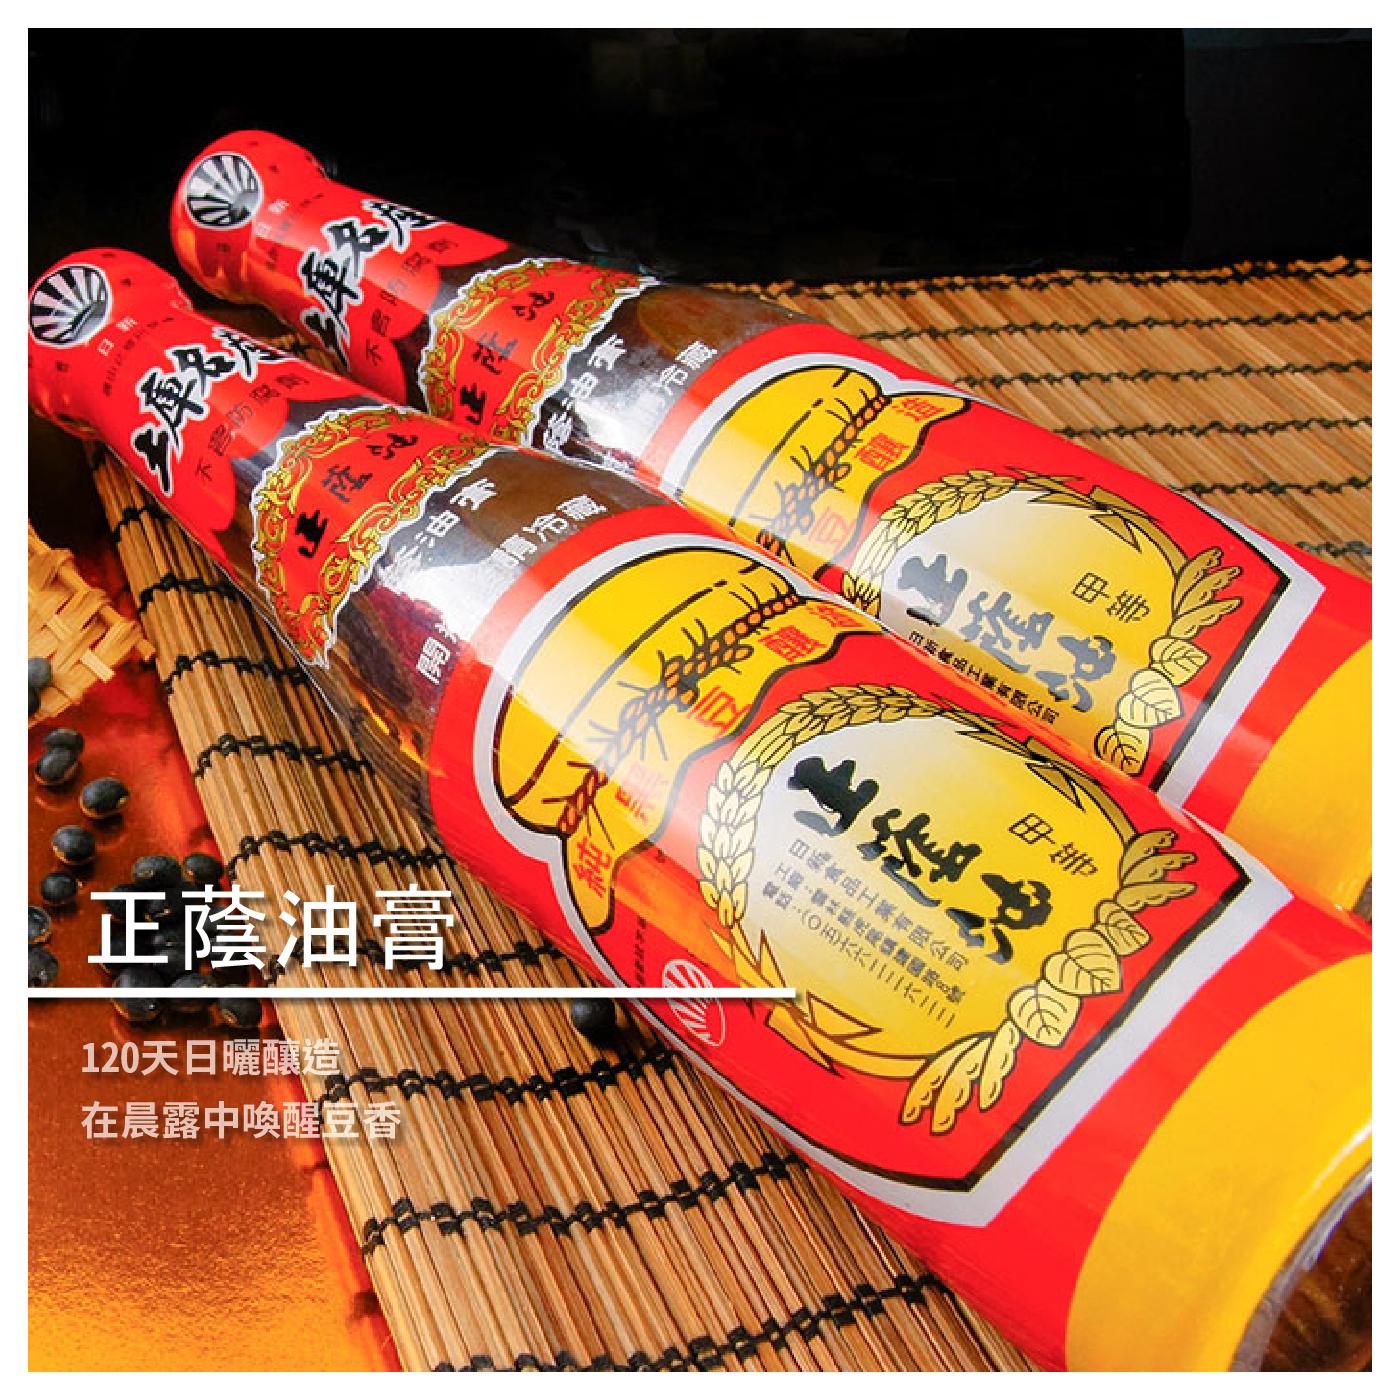 【日新蔭油】正蔭油膏 / 12罐 /  蔭油 / 醬油 / 蔭油清